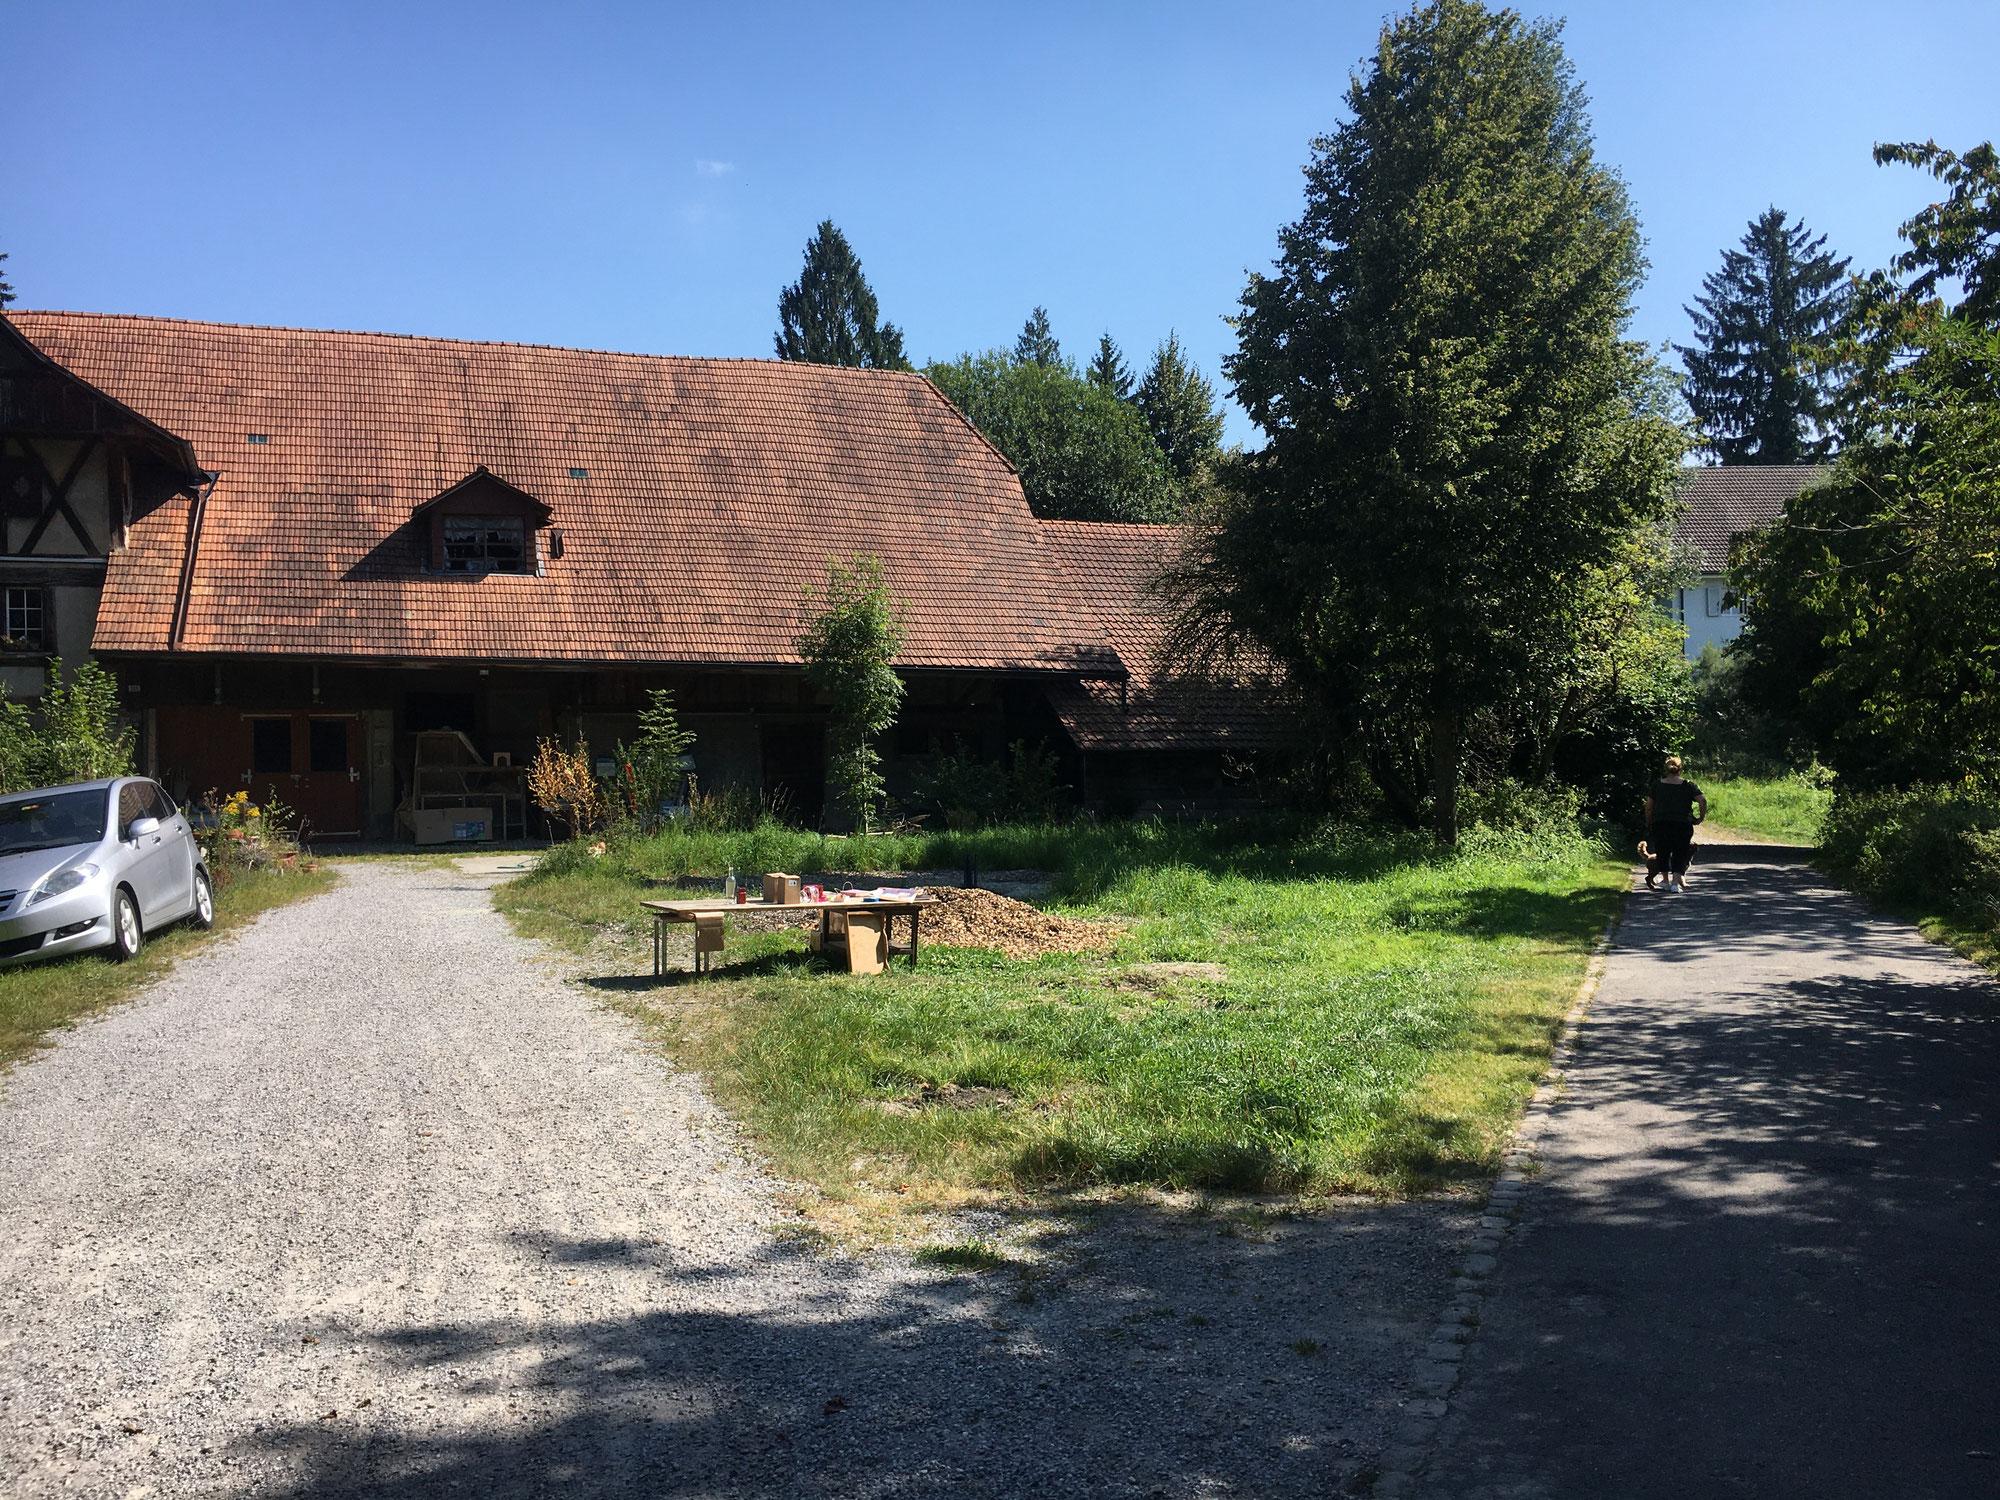 Bauernhaus Wyssloch: Umbau zur Tagesschule für 180 Kinder